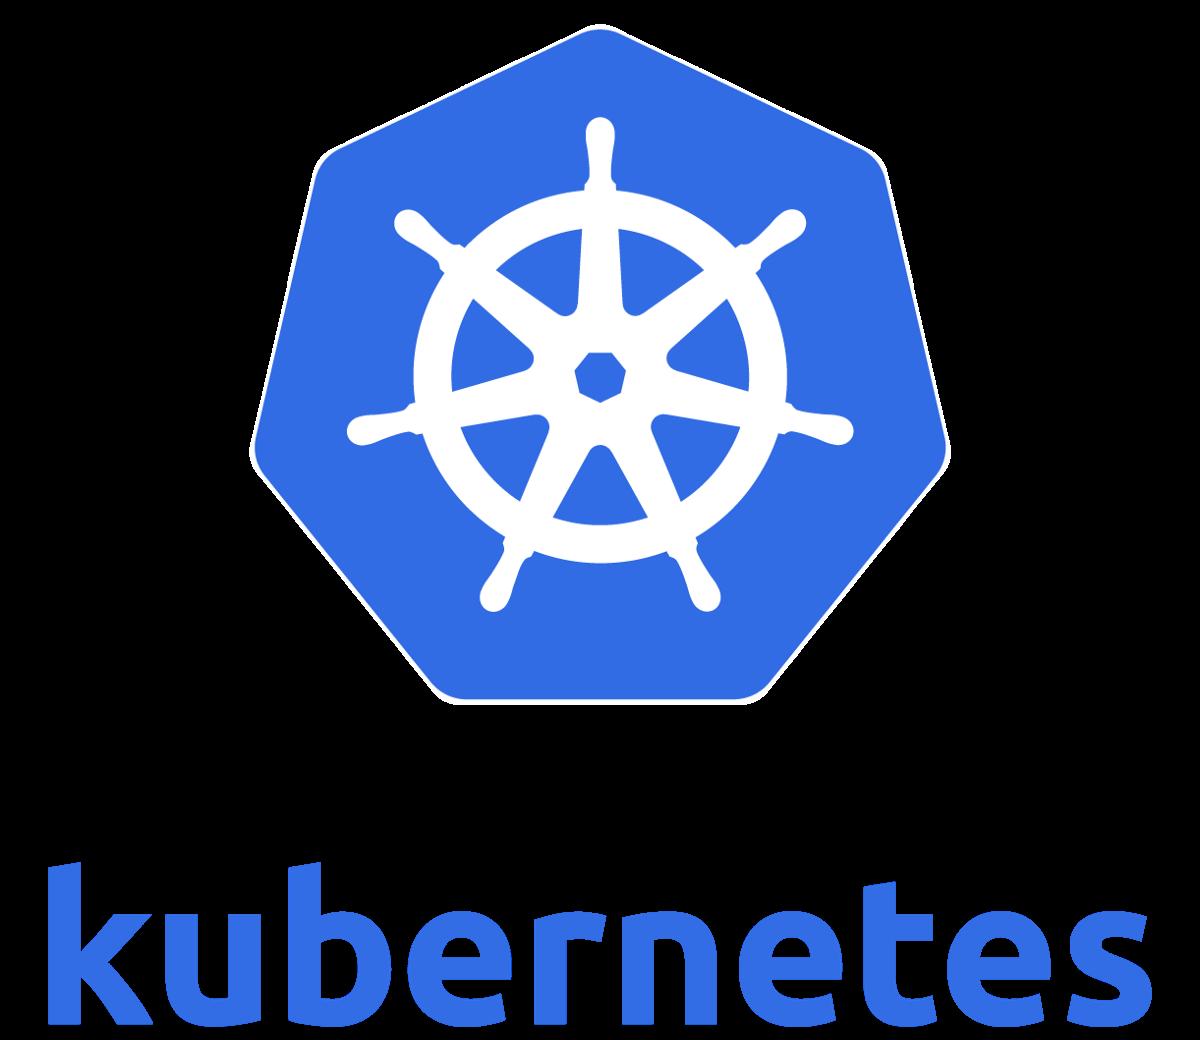 Kubernetes (K8s) logo